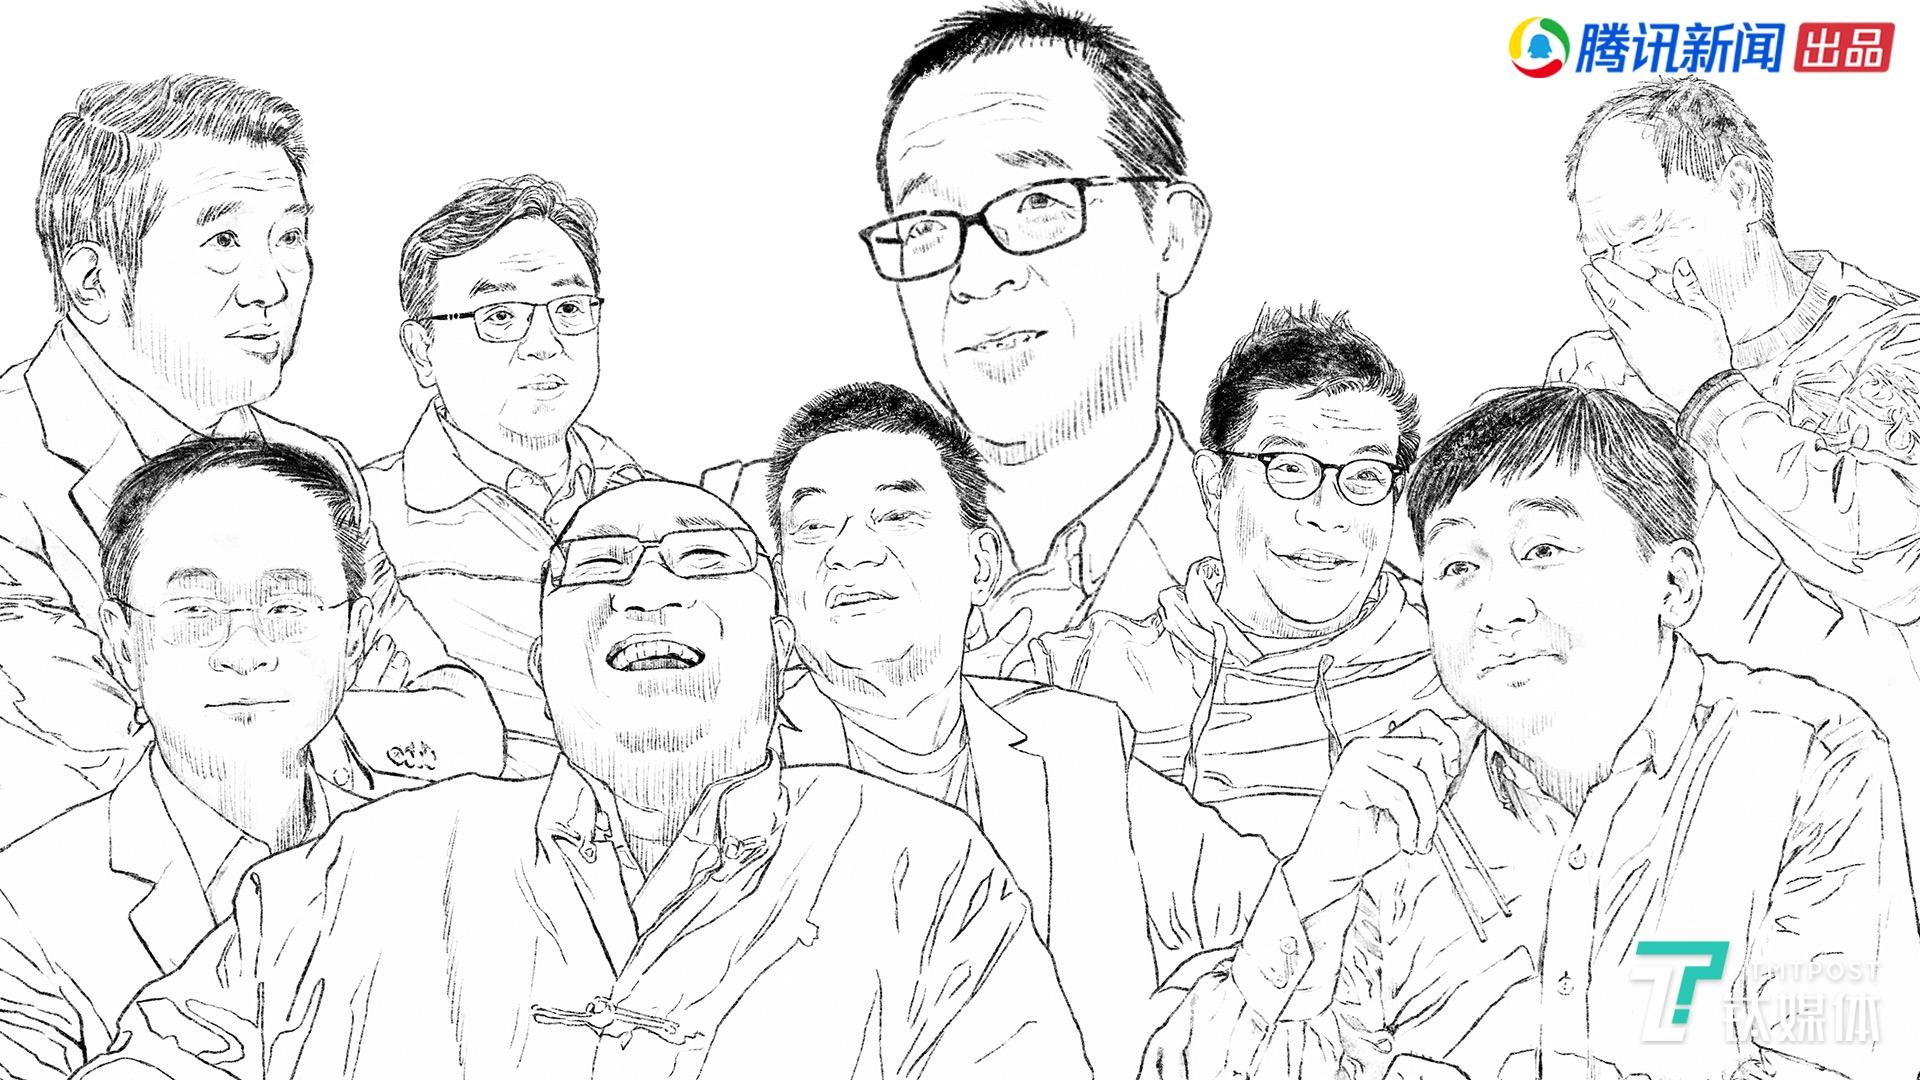 """俞敏洪把酒对谈 8 位企业家,希望""""中国老百姓把企业家当作一个普通人看"""""""